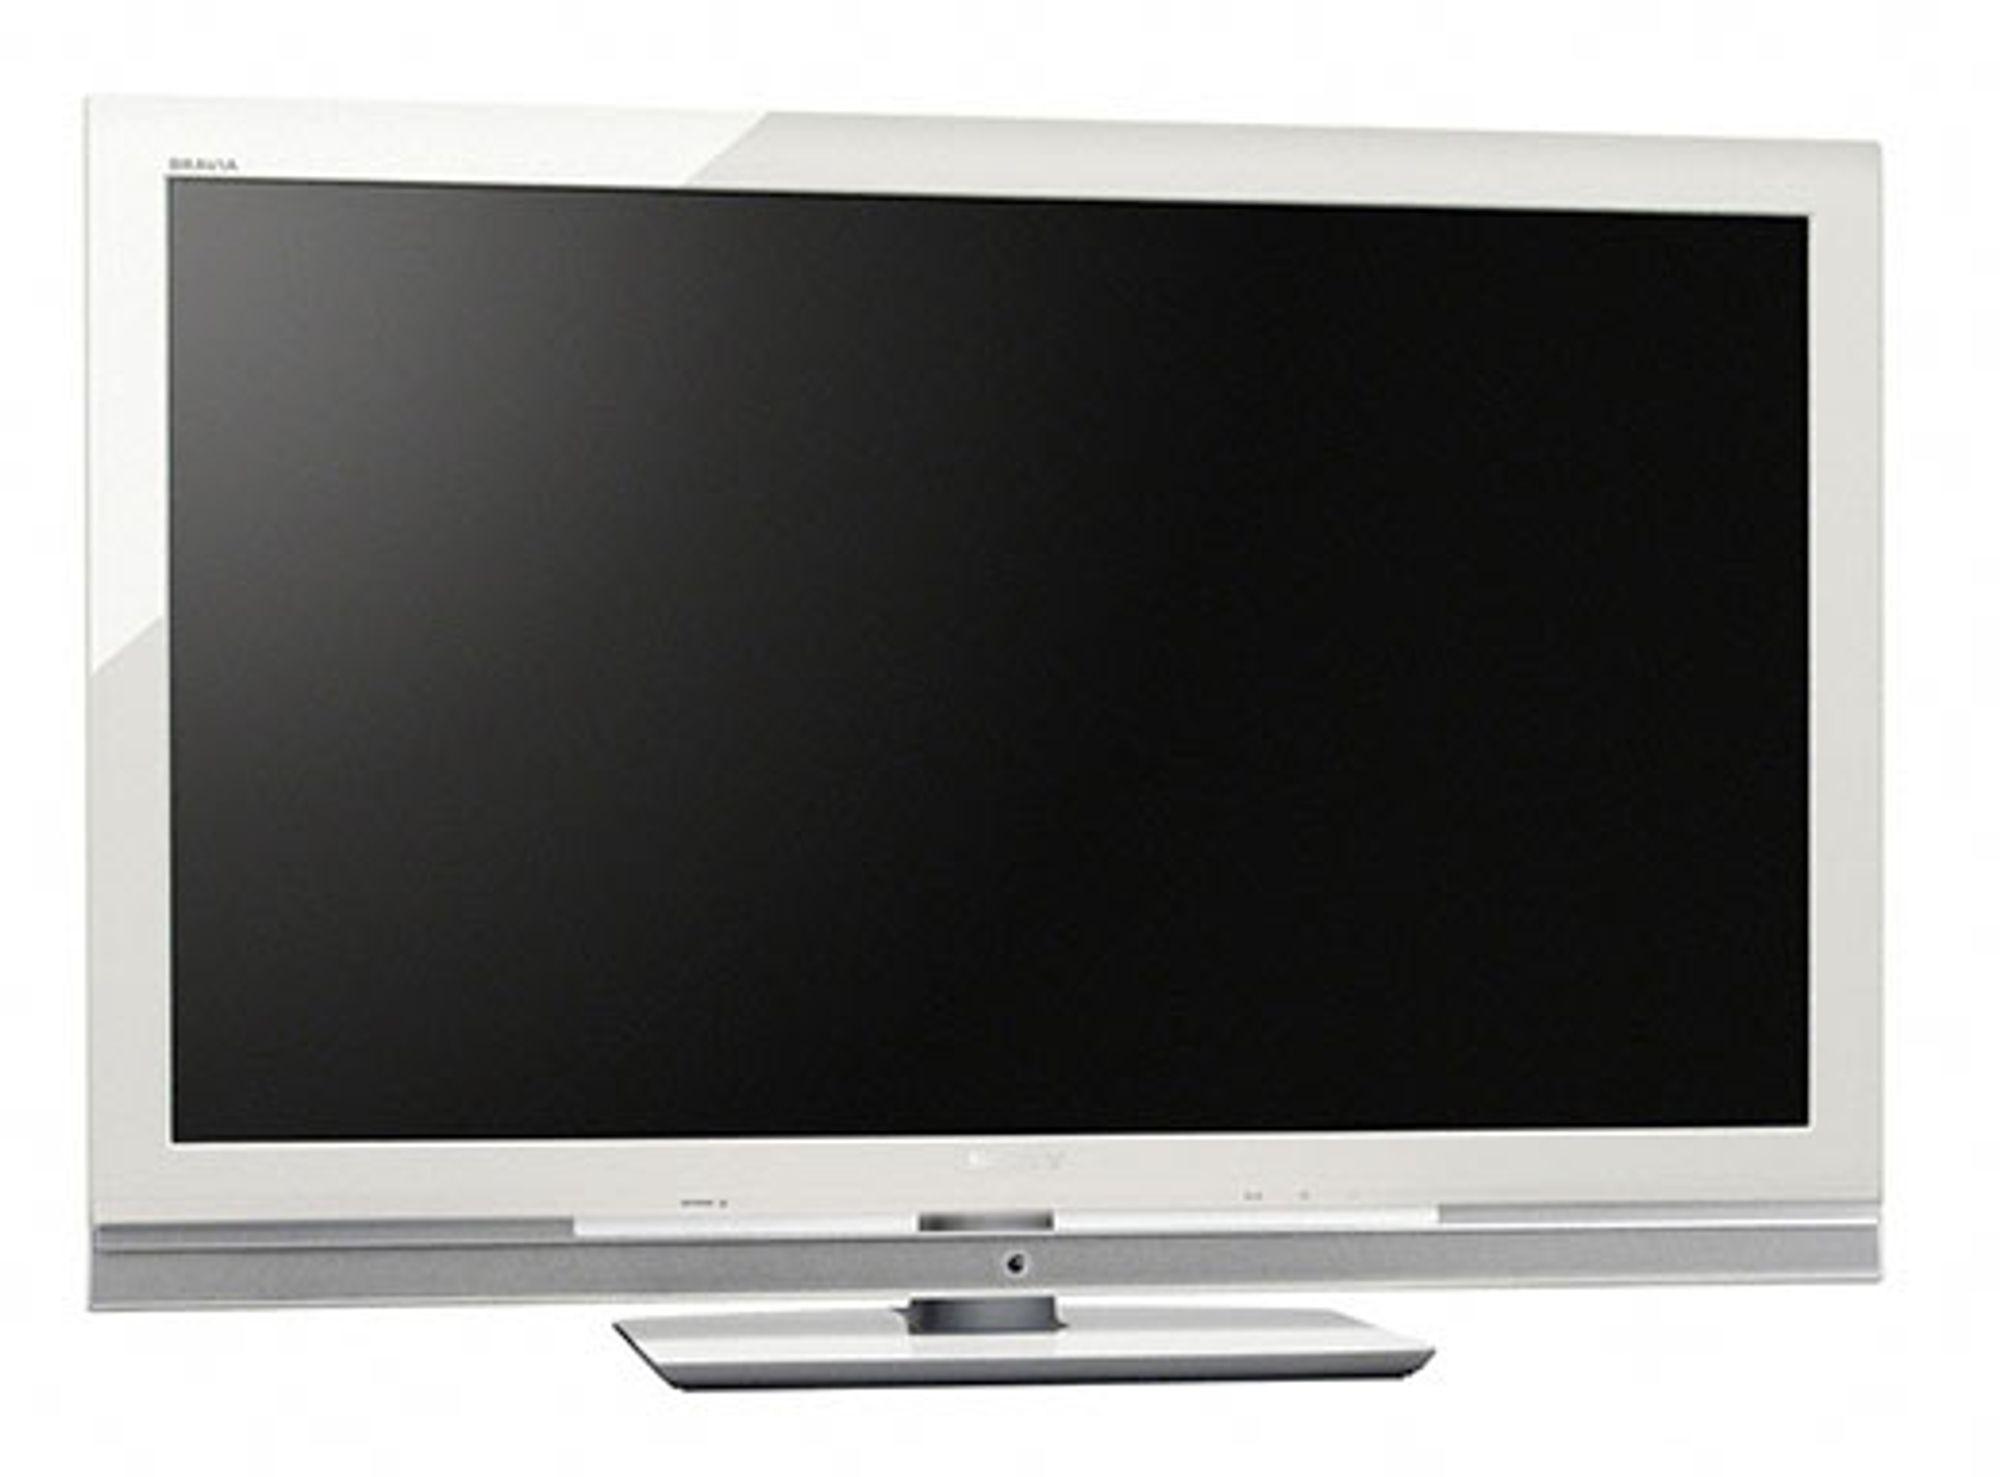 WE5, denne TV-en er skikkelig grønn! ...eller?